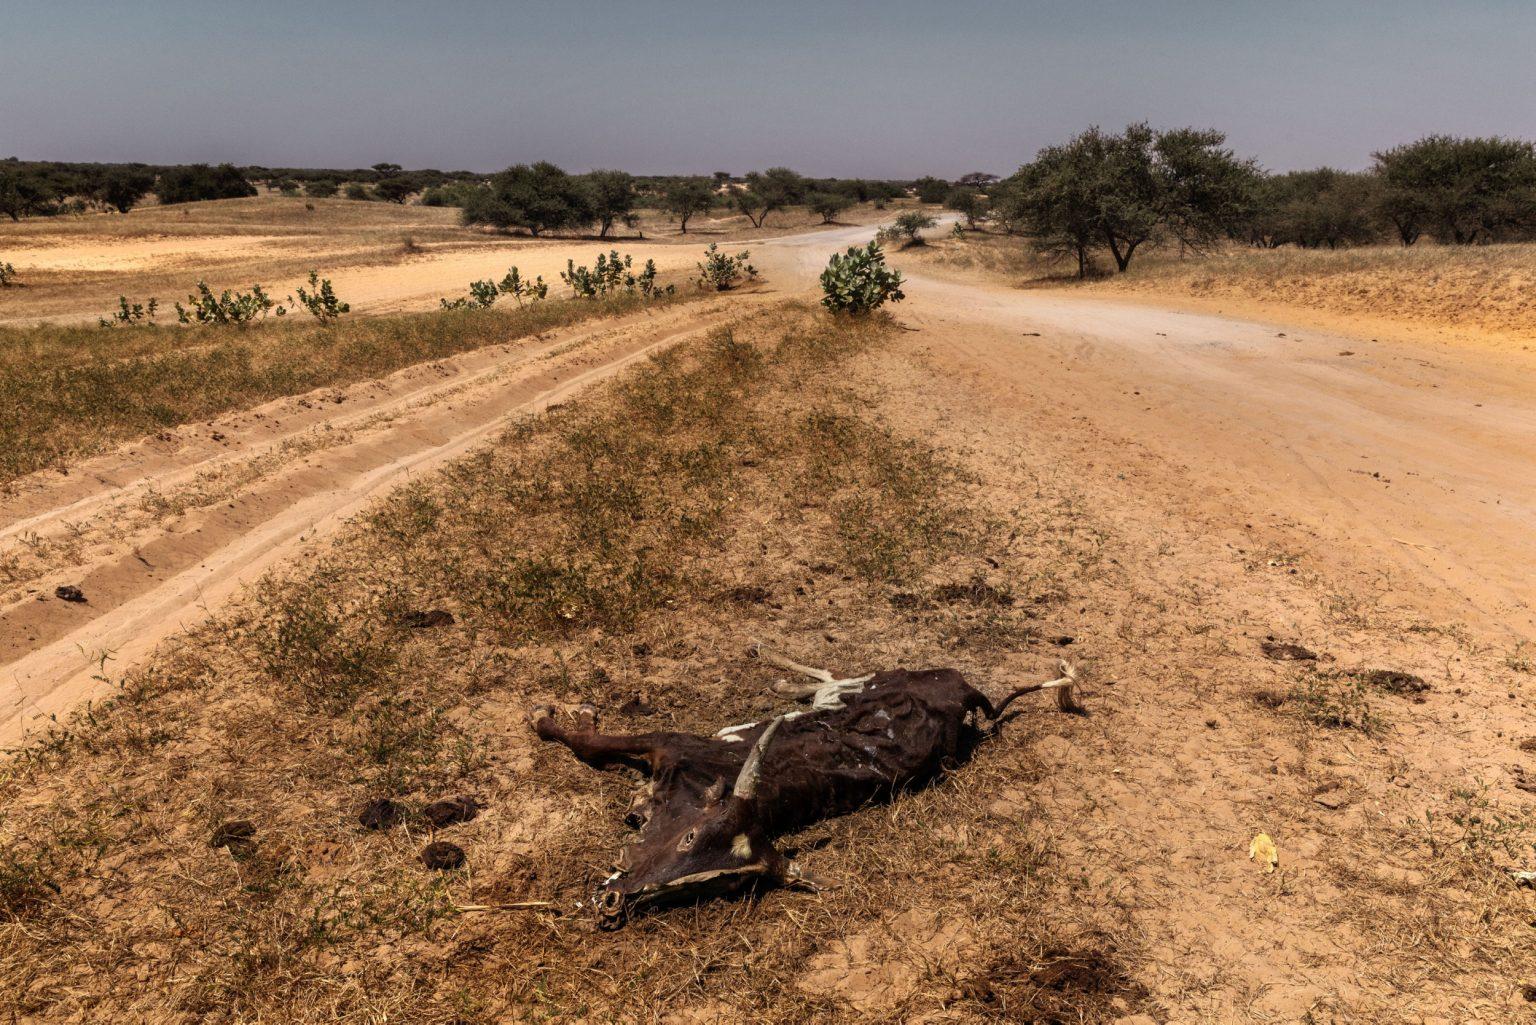 Africa, Chad, Bol, October 2018 - A severe humanitarian crisis is underway in the Lake Chad basin. Over two million refugees, as well as five million people are at risk of food insecurity and 500,000 children are suffering from acute malnutrition. Lake Chad is shrincking rapidly, due to desertification that is threatening the very existence of the people who live on its banks and the ecosystem of its waters. Chad was once the fourth largest lake in Africa. However, since the 1950s its surface has shrunk by 90%.>< Africa, Ciad, Bol, Ottobre 2018 - Una grave crisi umanitaria si sta abbattendo sul Lago Ciad. Oltre due milioni di rifugiati e cinque milioni di persone sono minacciati dall?insicurezza alimentare; 50,000 bambini soffrono di malnutrizione acuta. Il Lago Ciad si sta restringendo rapidamente per via della desertificazione che sta mettendo in pericolo l'esistenza stessa delle persone che vivono sulle sue sponde e l'ecosistema delle sue acque. Ciad era un tempo uno dei quattro laghi più grandi in Africa. Tuttavia, dal 1950 la superficie si è ridotta del 50%. *** SPECIAL   FEE   APPLIES *** *** Local Caption *** 01362904